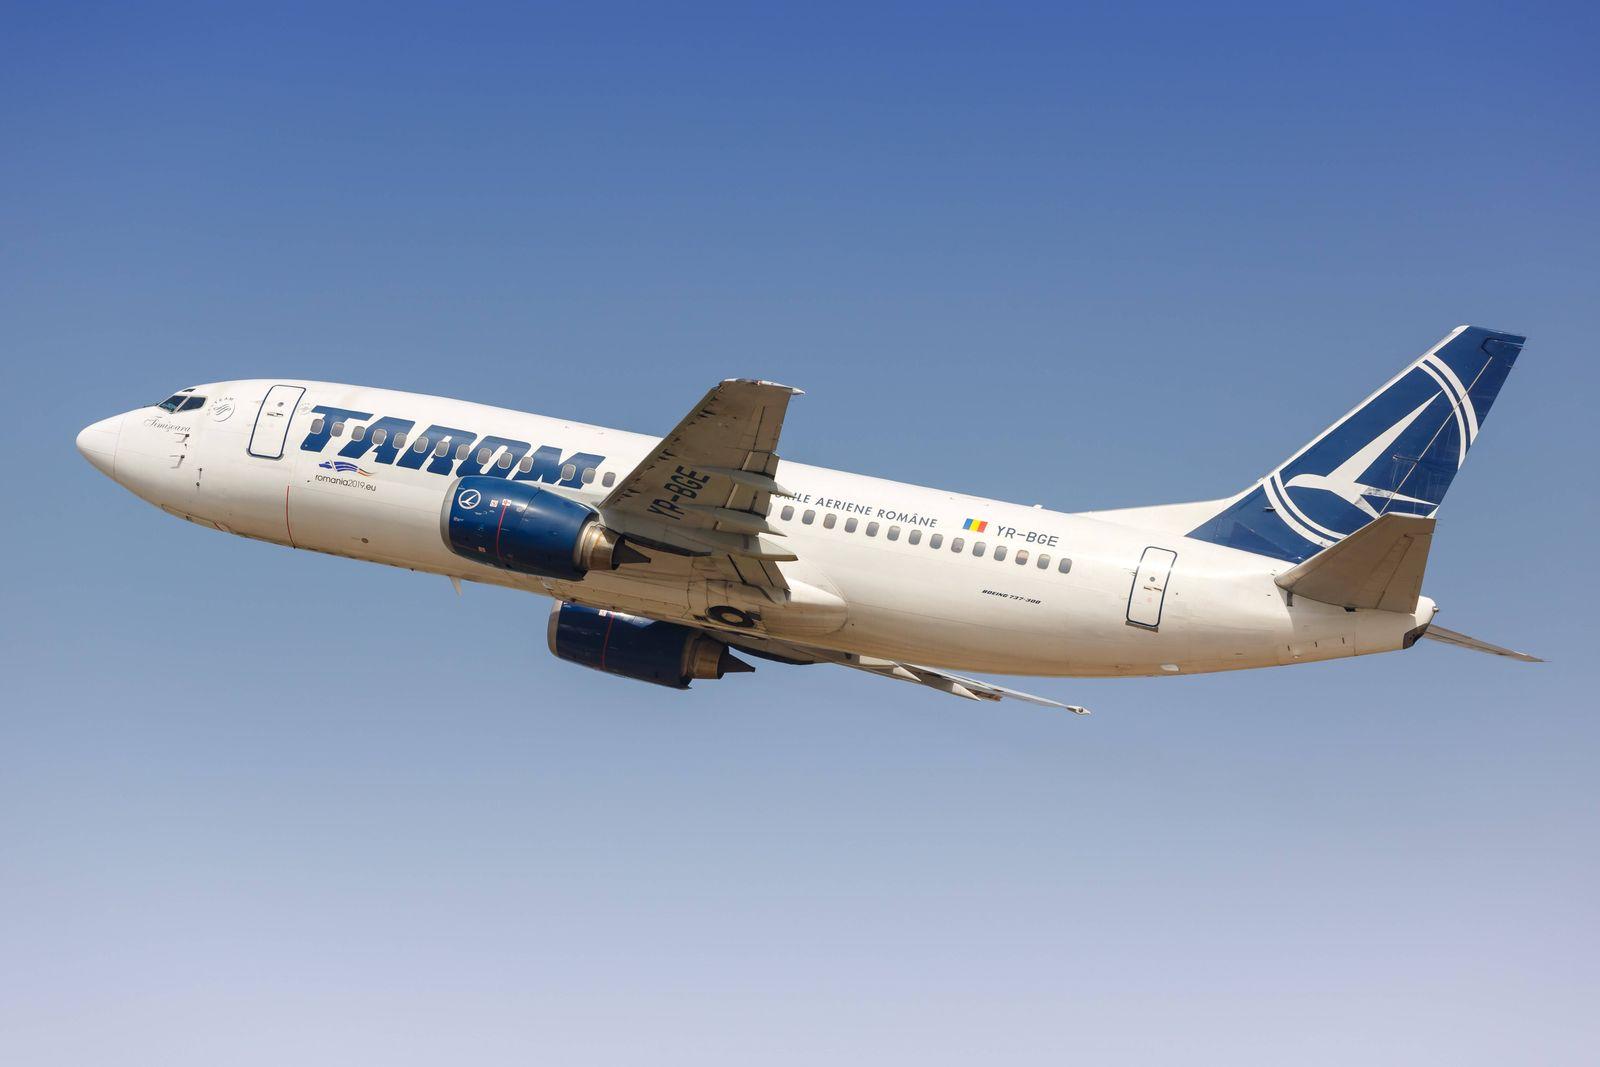 Tel Aviv, Israel, 24 Februar 2019: Ein Boeing 737-300 Flugzeug der Tarom mit dem Kennzeichen YR-BGE startet vom Flughafe